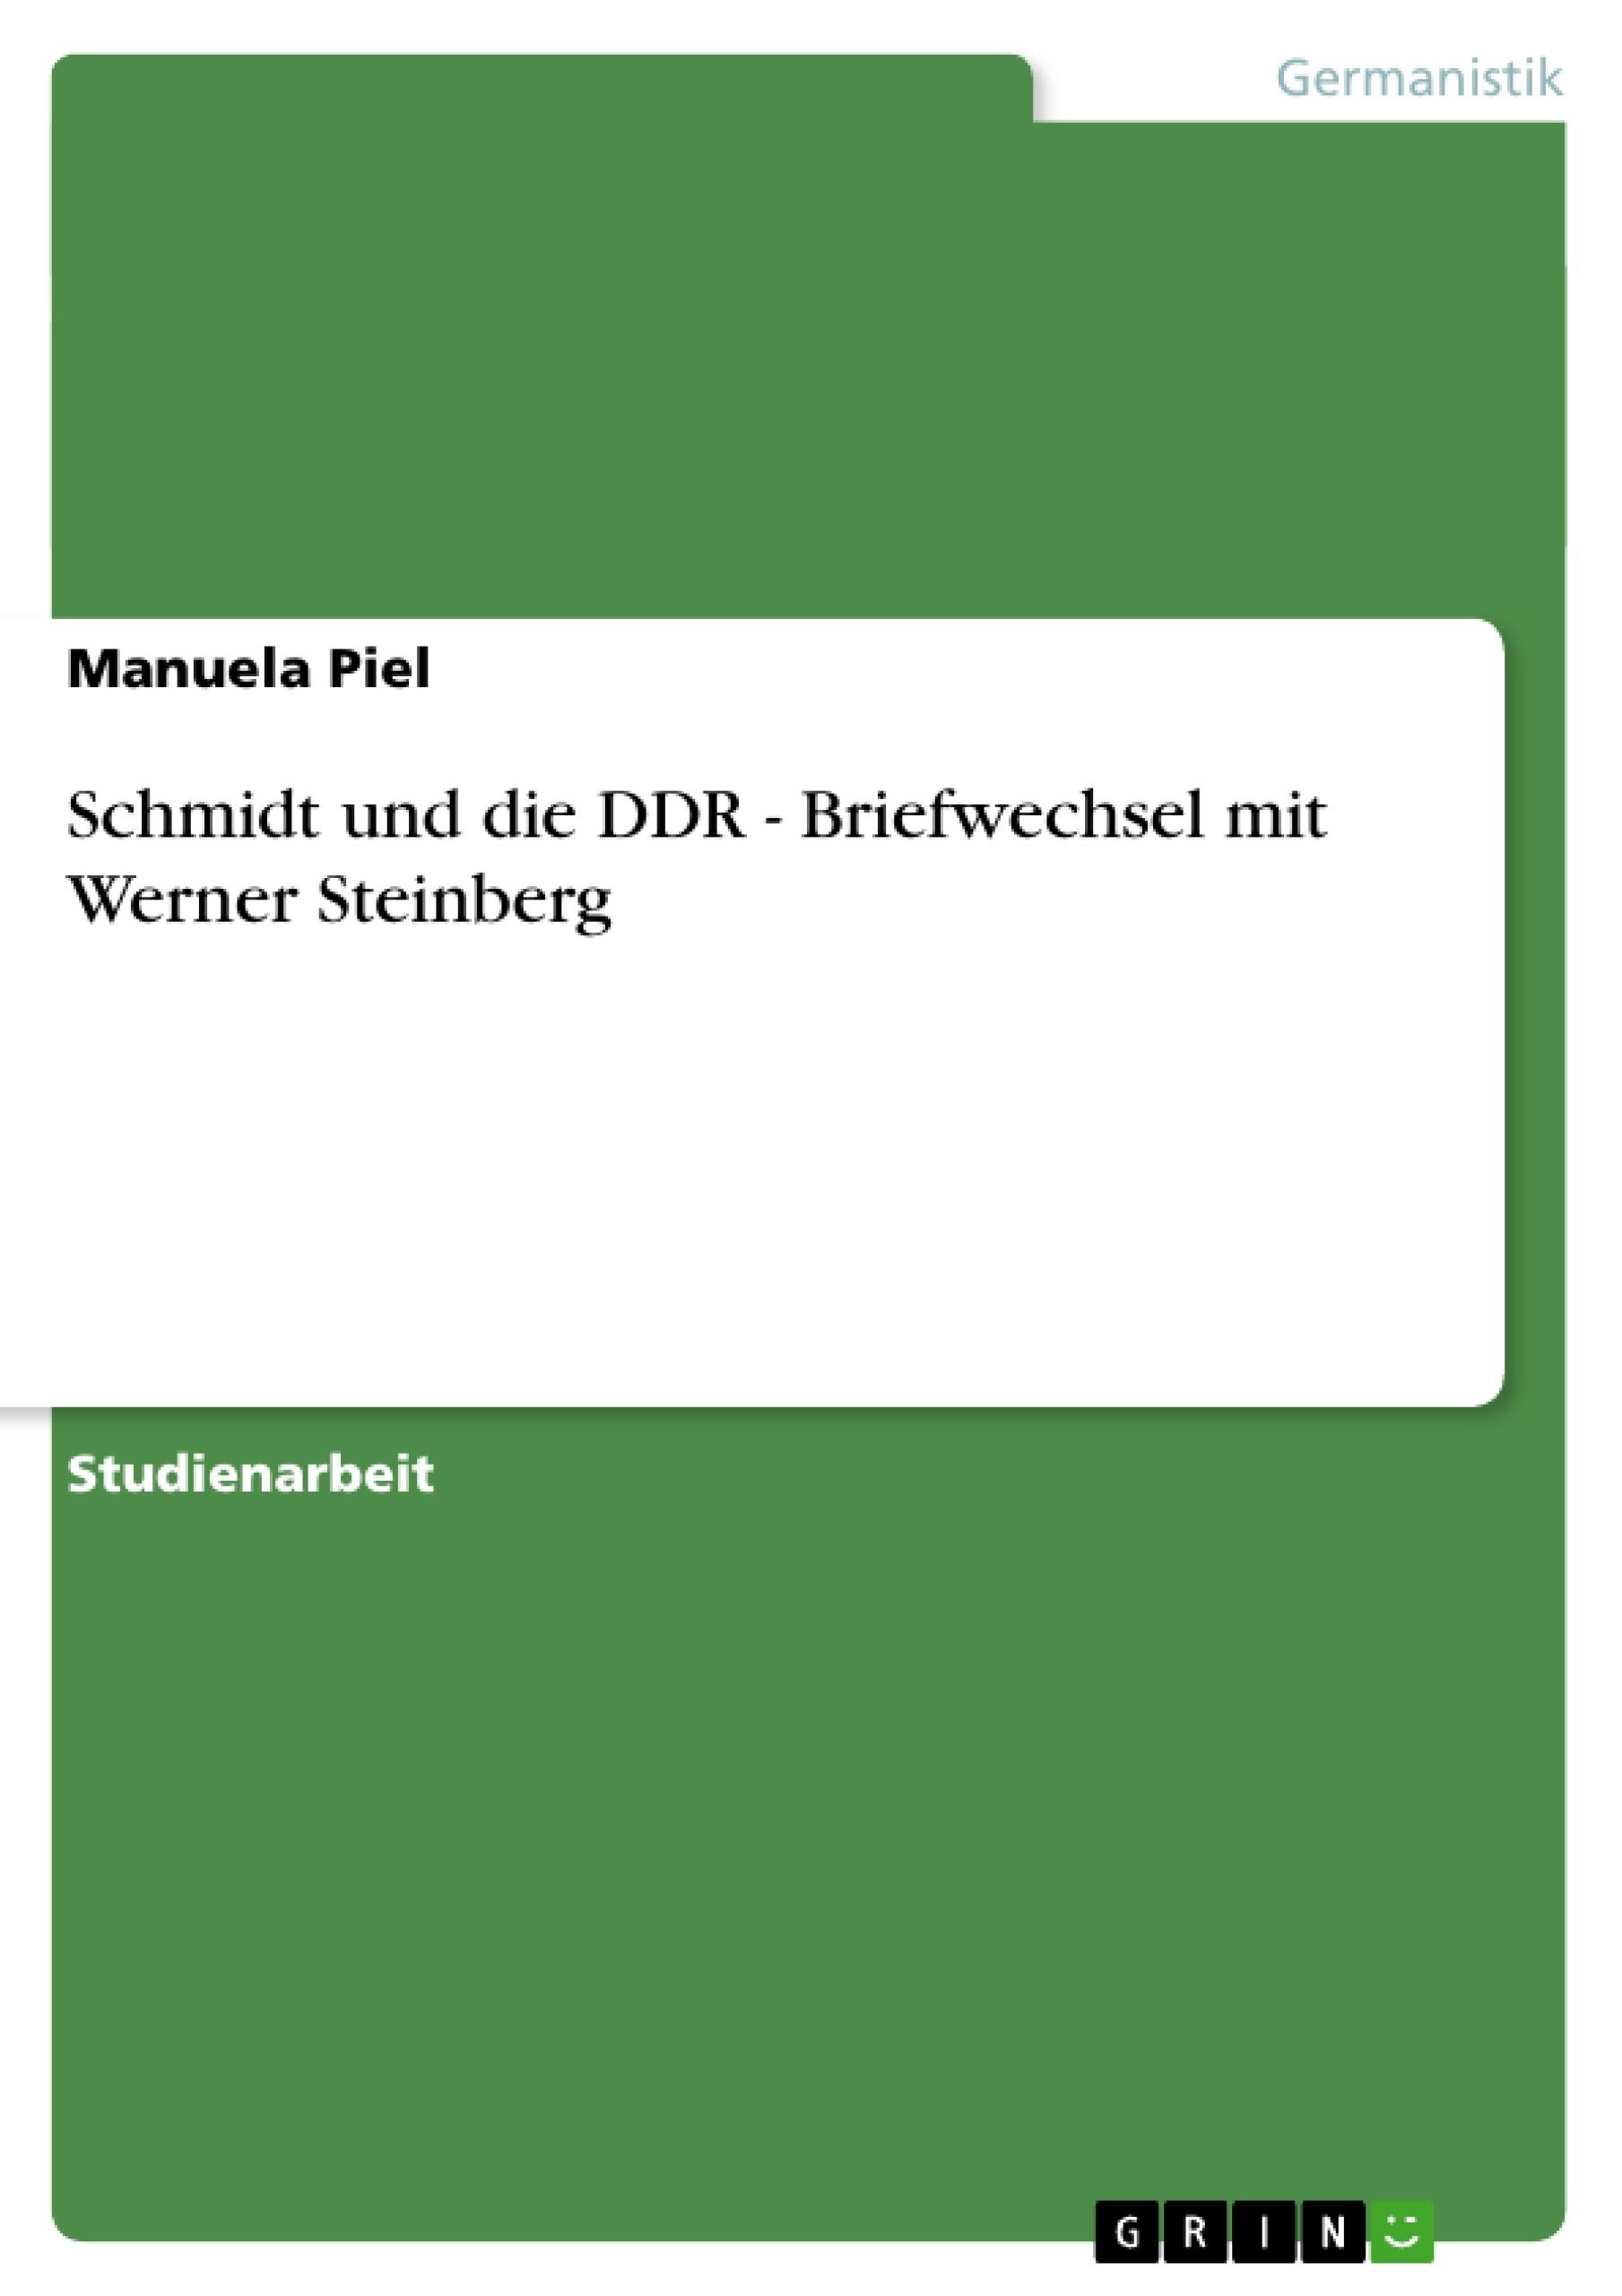 Titel: Schmidt und die DDR - Briefwechsel mit Werner Steinberg